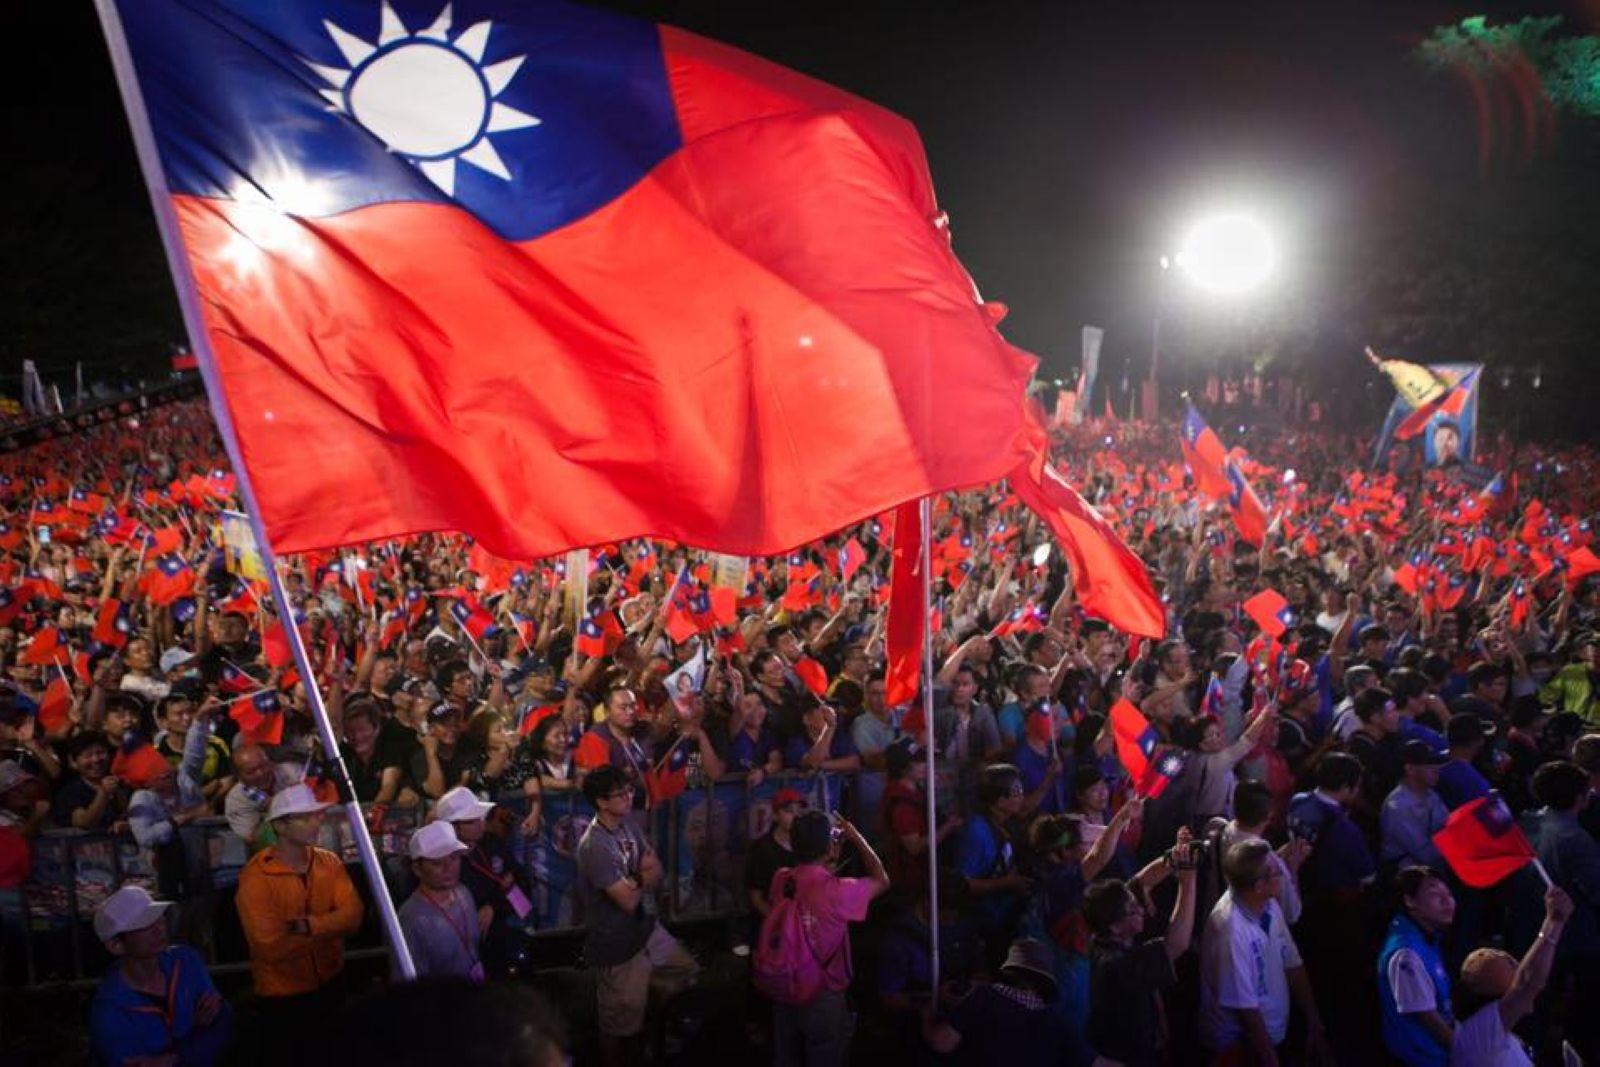 【俞振華觀點】韓國瑜讓韓粉找到「自己人」:韓流是超越藍綠統獨的新認同政治